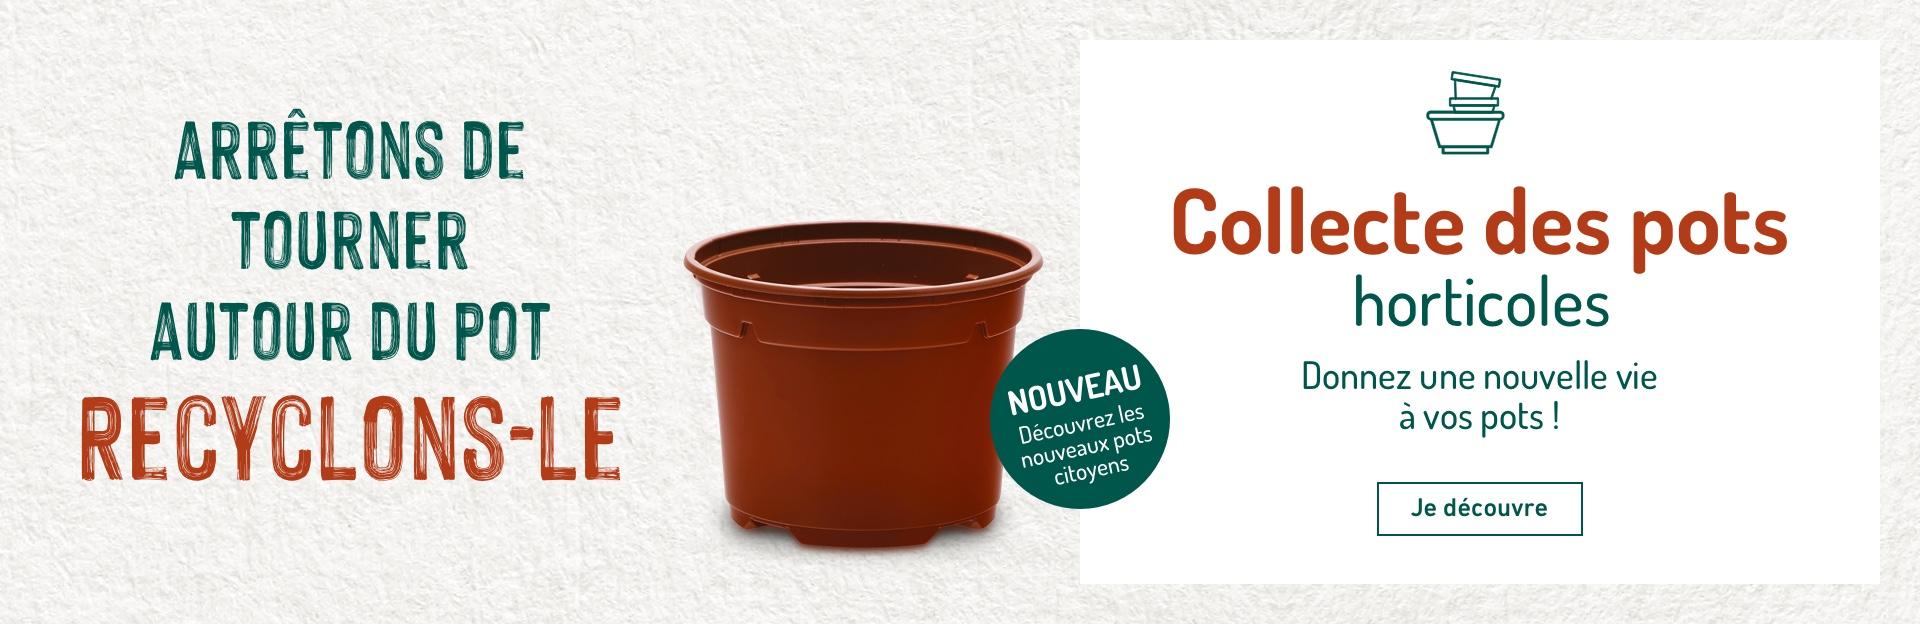 Collecte et recyclage des pots horticoles